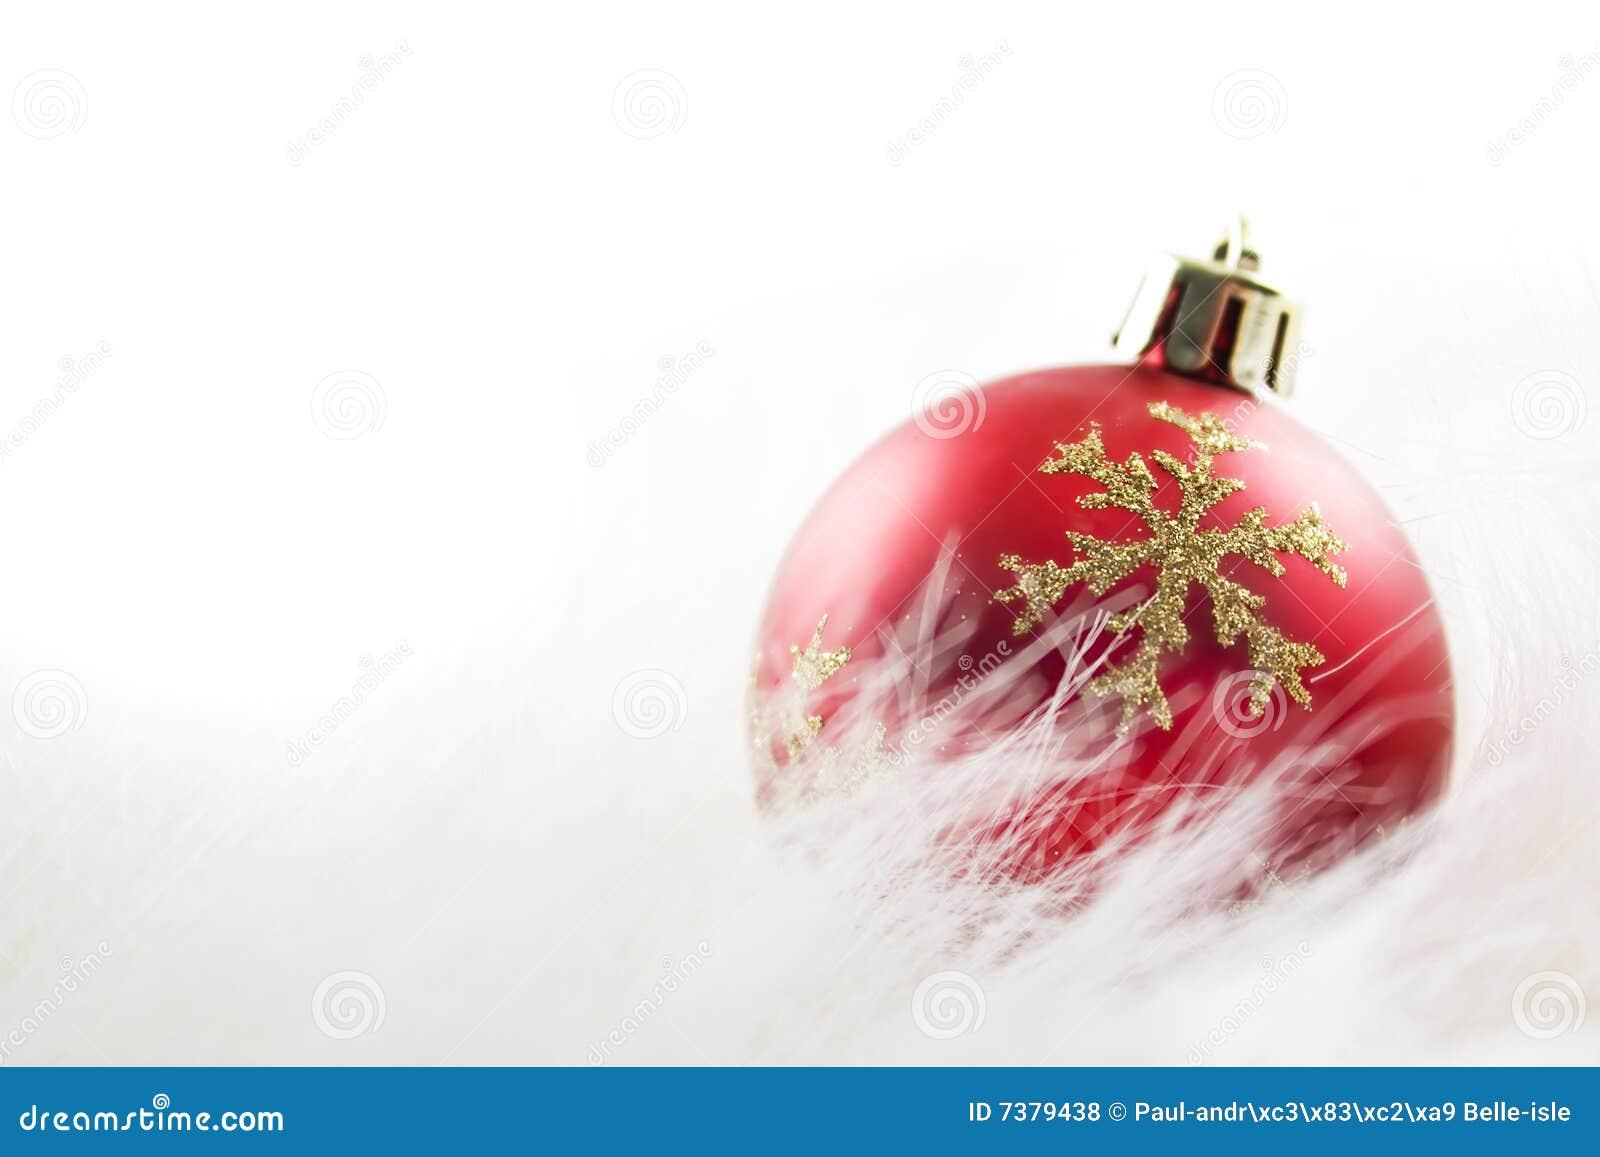 De rode bal van Kerstmis op wit bont